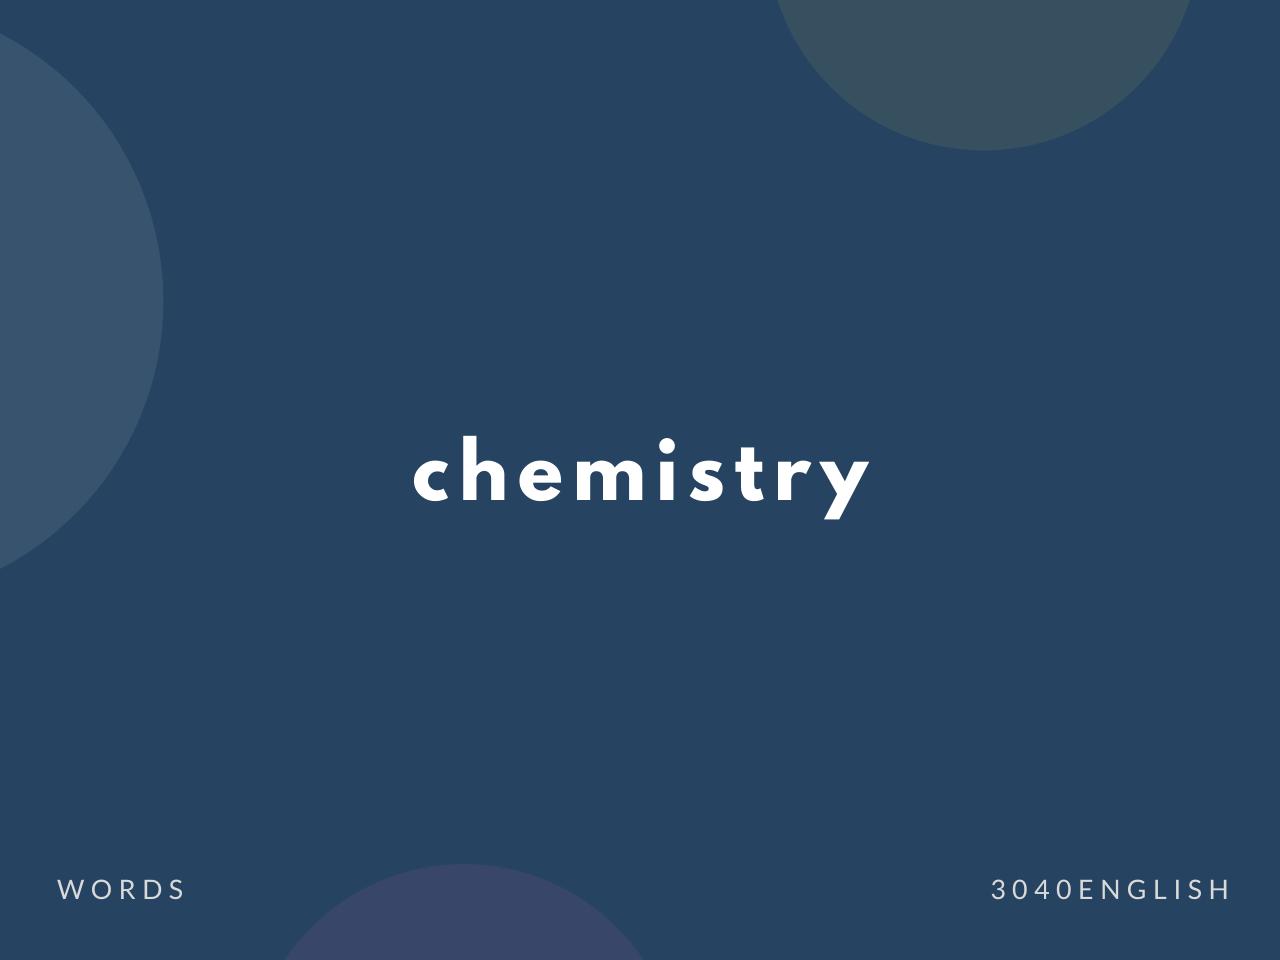 【ケミストリー】chemistry の意味と簡単な使い方【英語表現・例文あり】